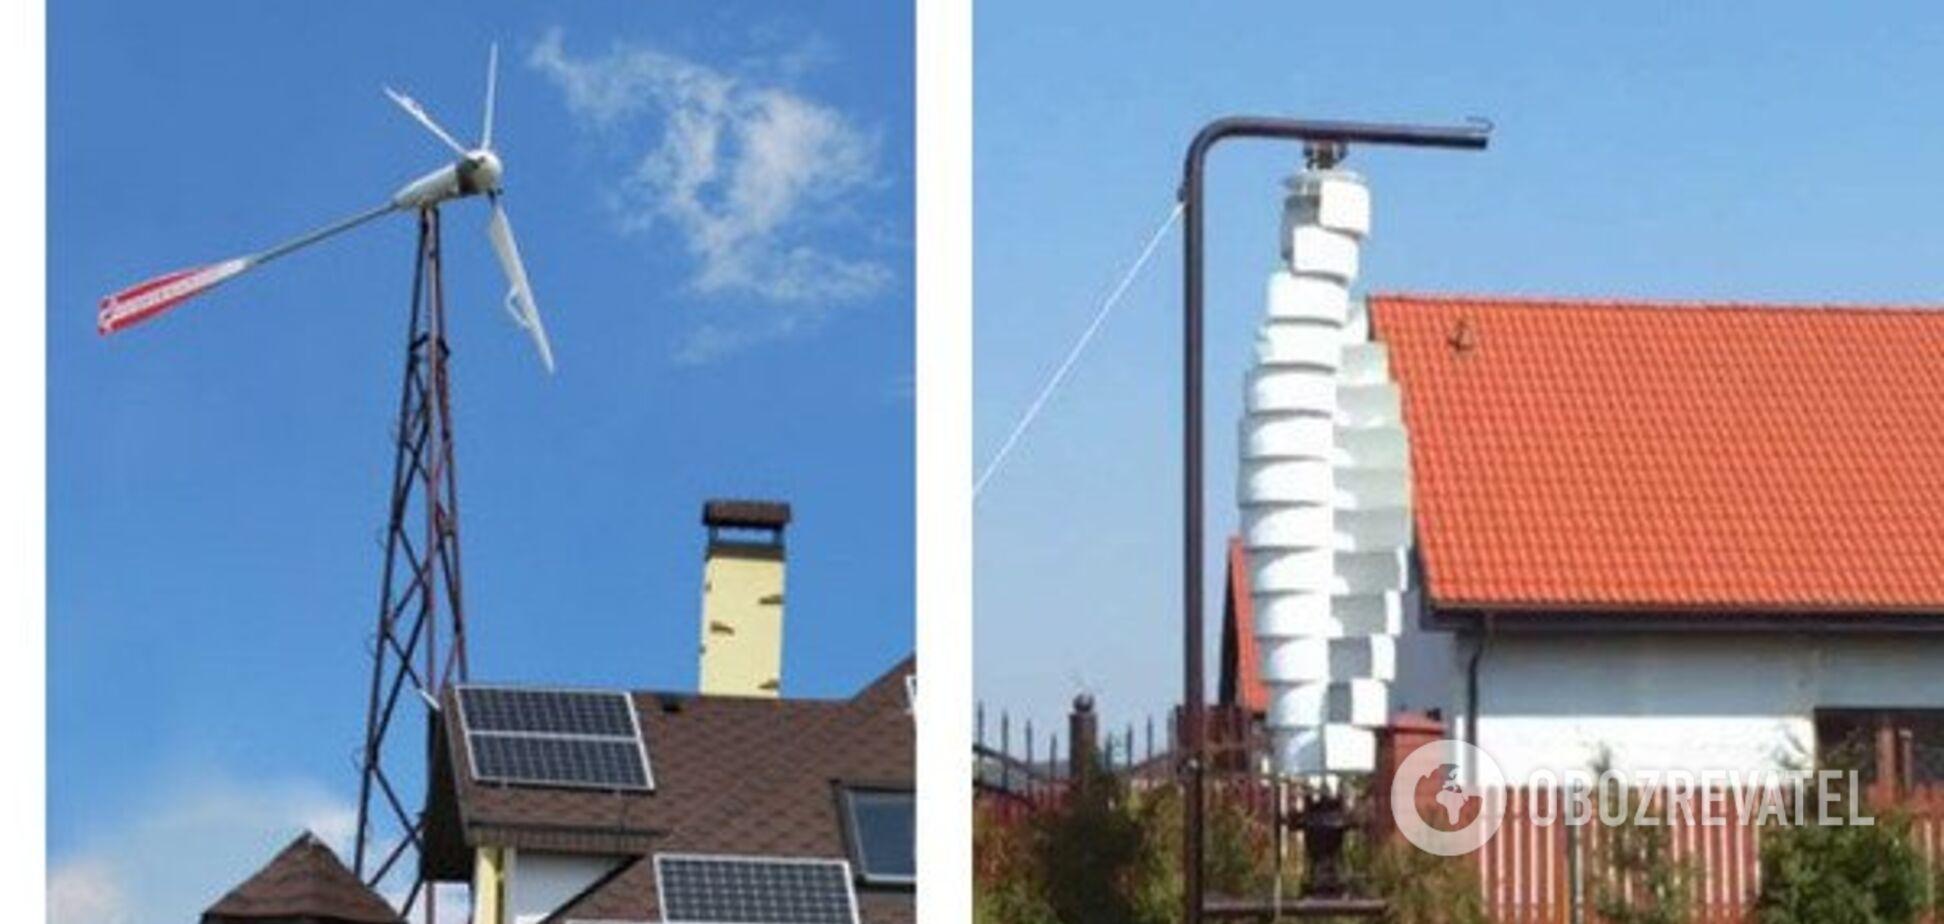 Ветровая электростанция – это дорого? Развенчиваем мифы